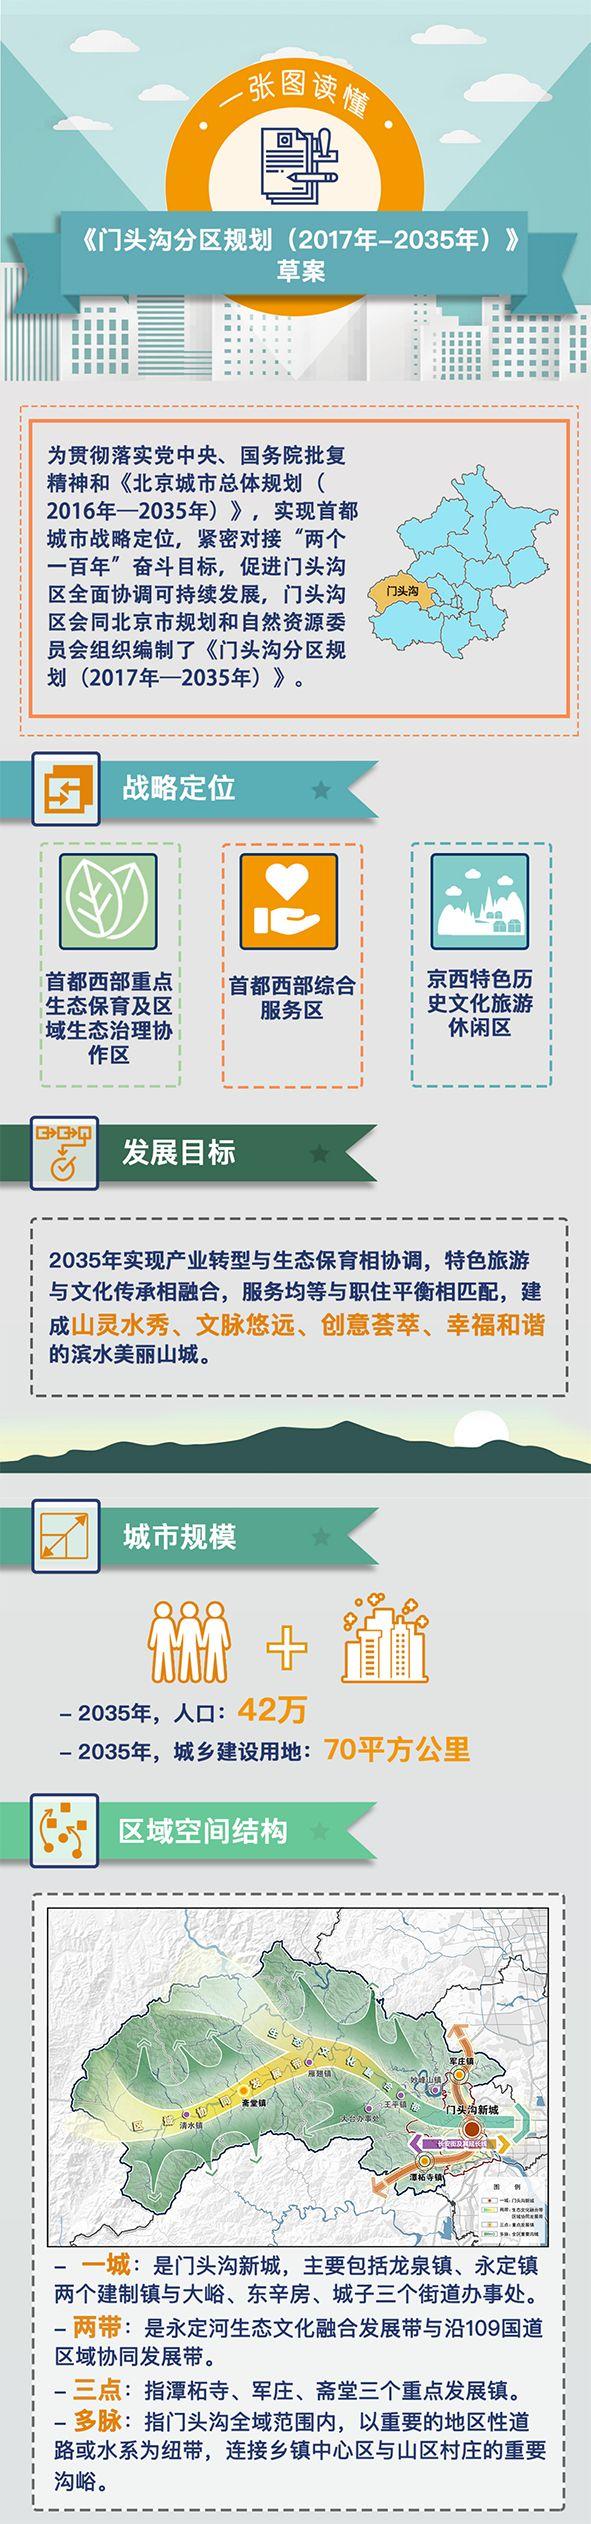 《门头沟分区规划(2017年—2035年)》草案提建议渠道